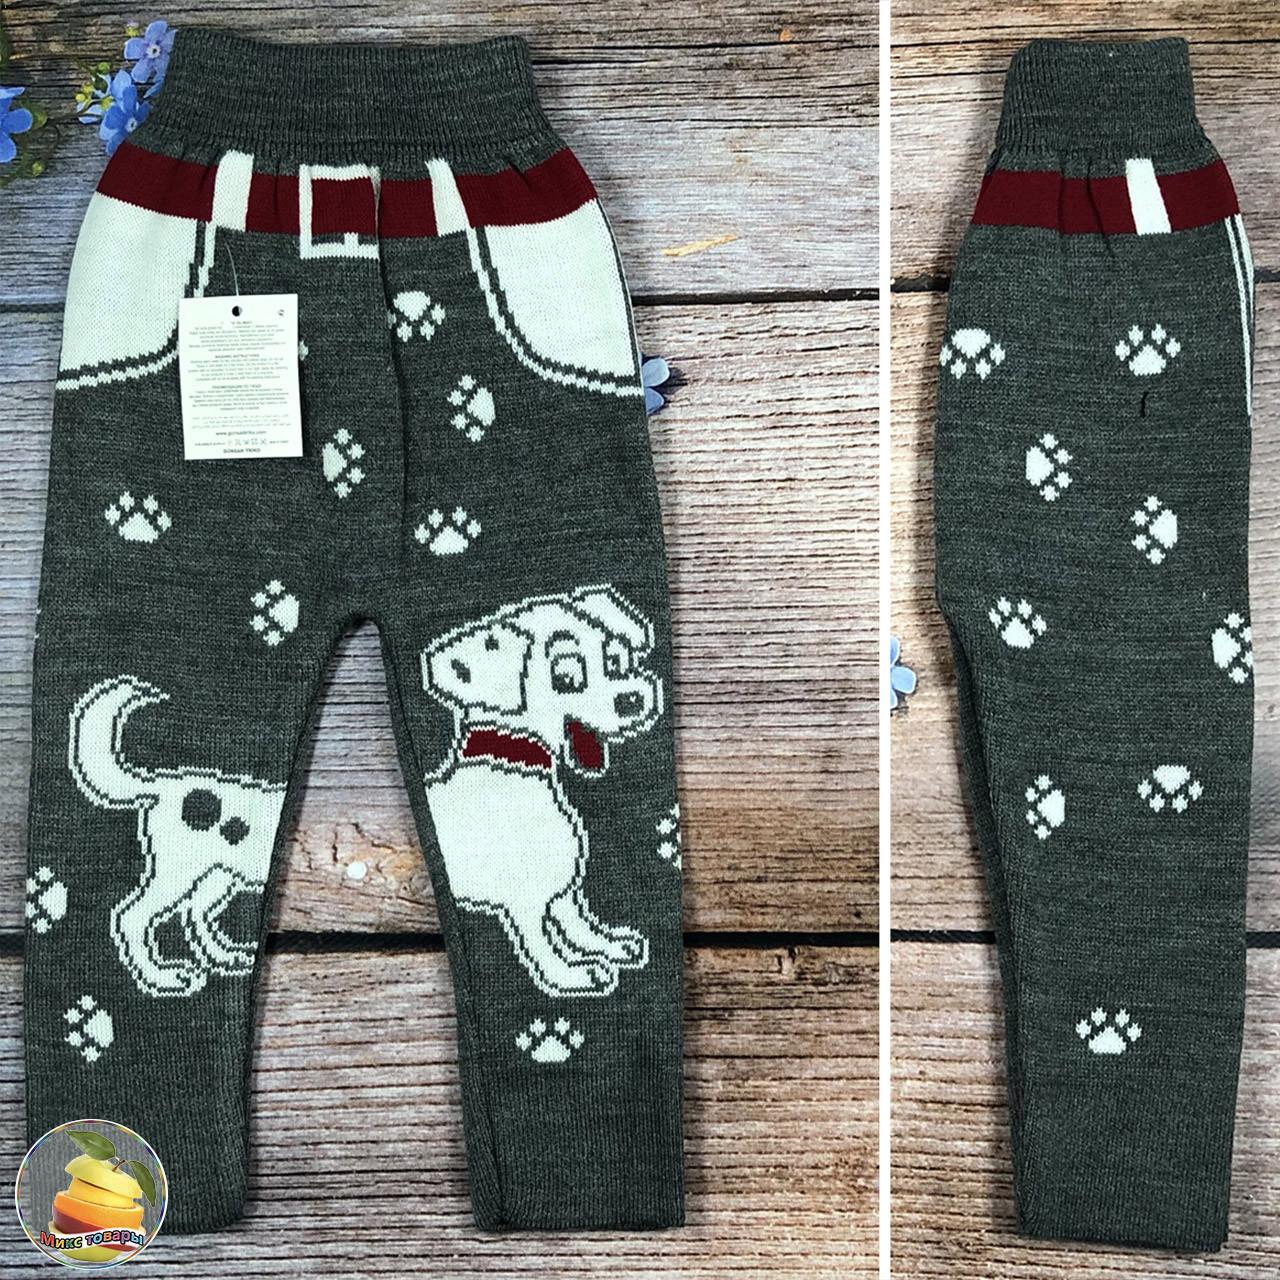 Вязанные штанишки- гамаши для мальчика Размеры: 1,2,3,4,5,6 лет (20991-2)